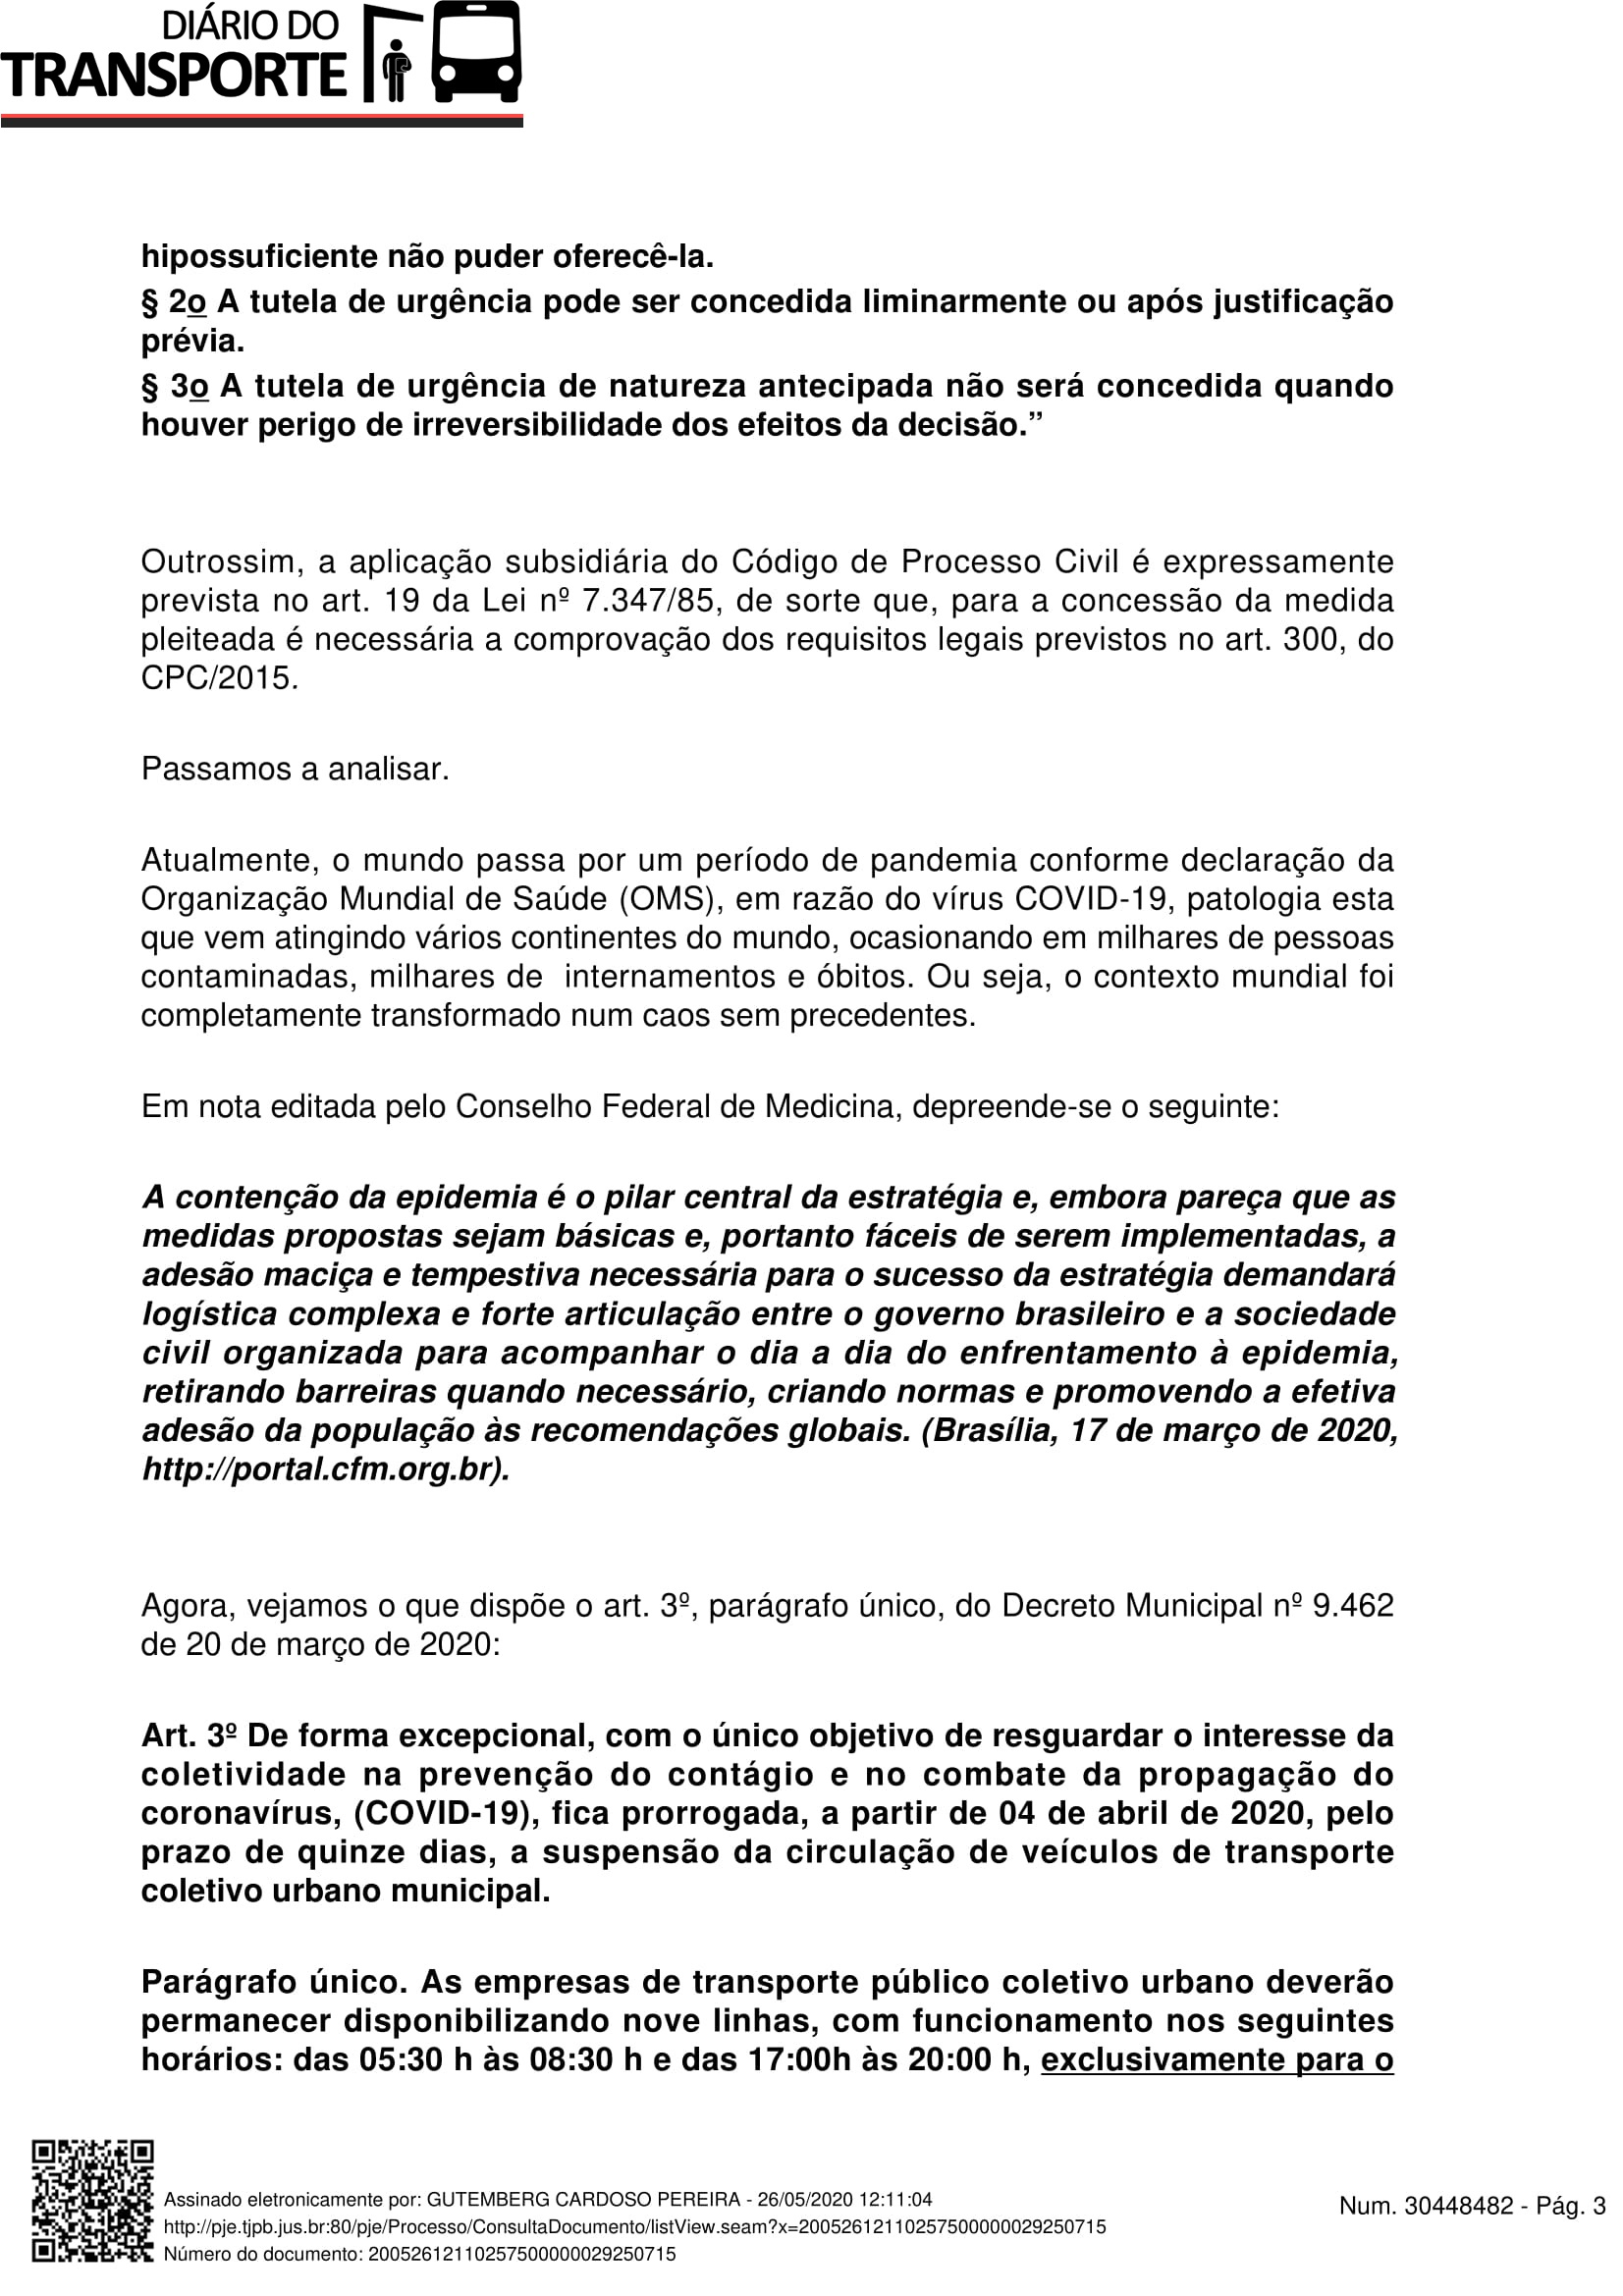 decisao_defensoria-3